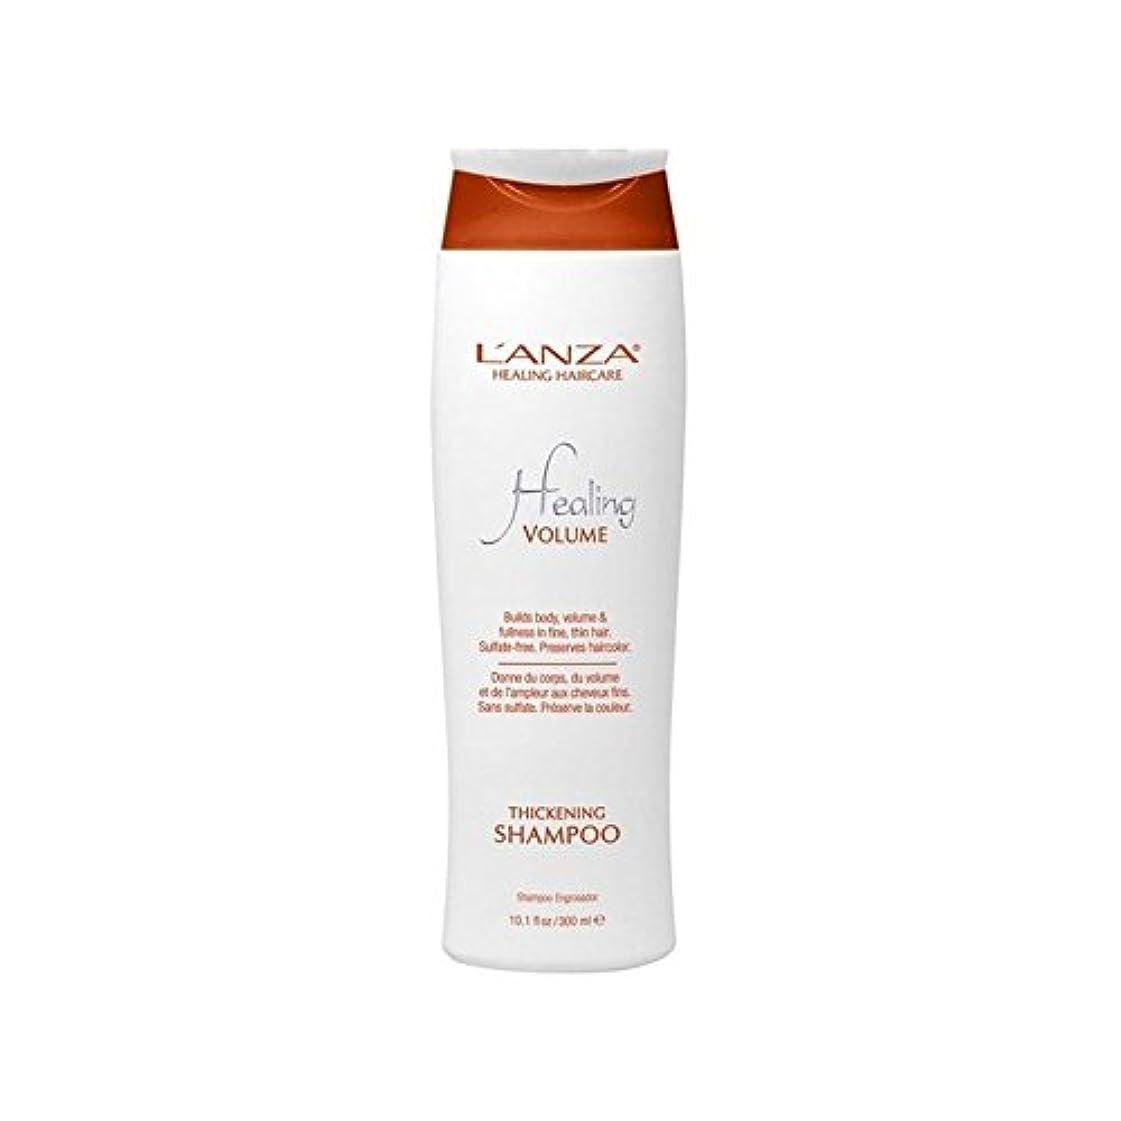 移動する筋雇用L'Anza Healing Volume Thickening Shampoo (300ml) - アンザ癒しのボリューム肥厚シャンプー(300ミリリットル) [並行輸入品]